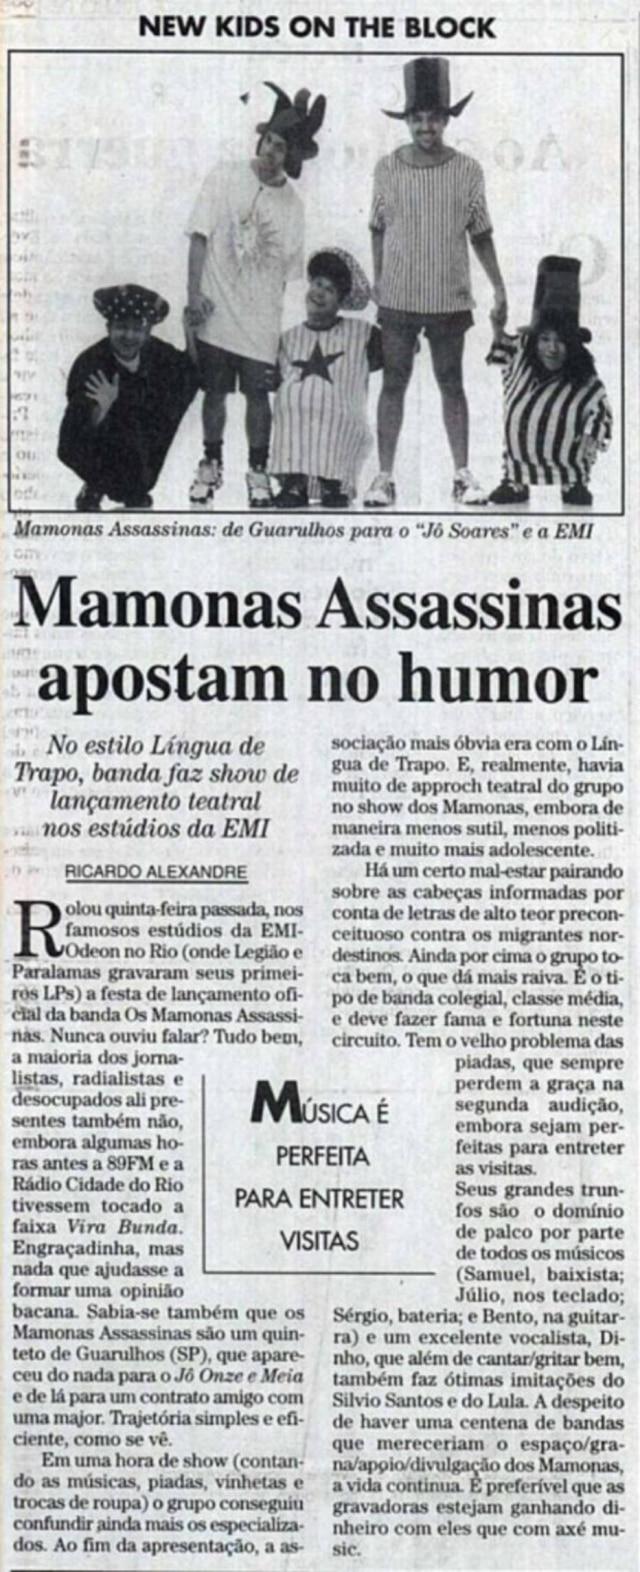 Crítica sobre olançamento dos Mamonas Assassinas